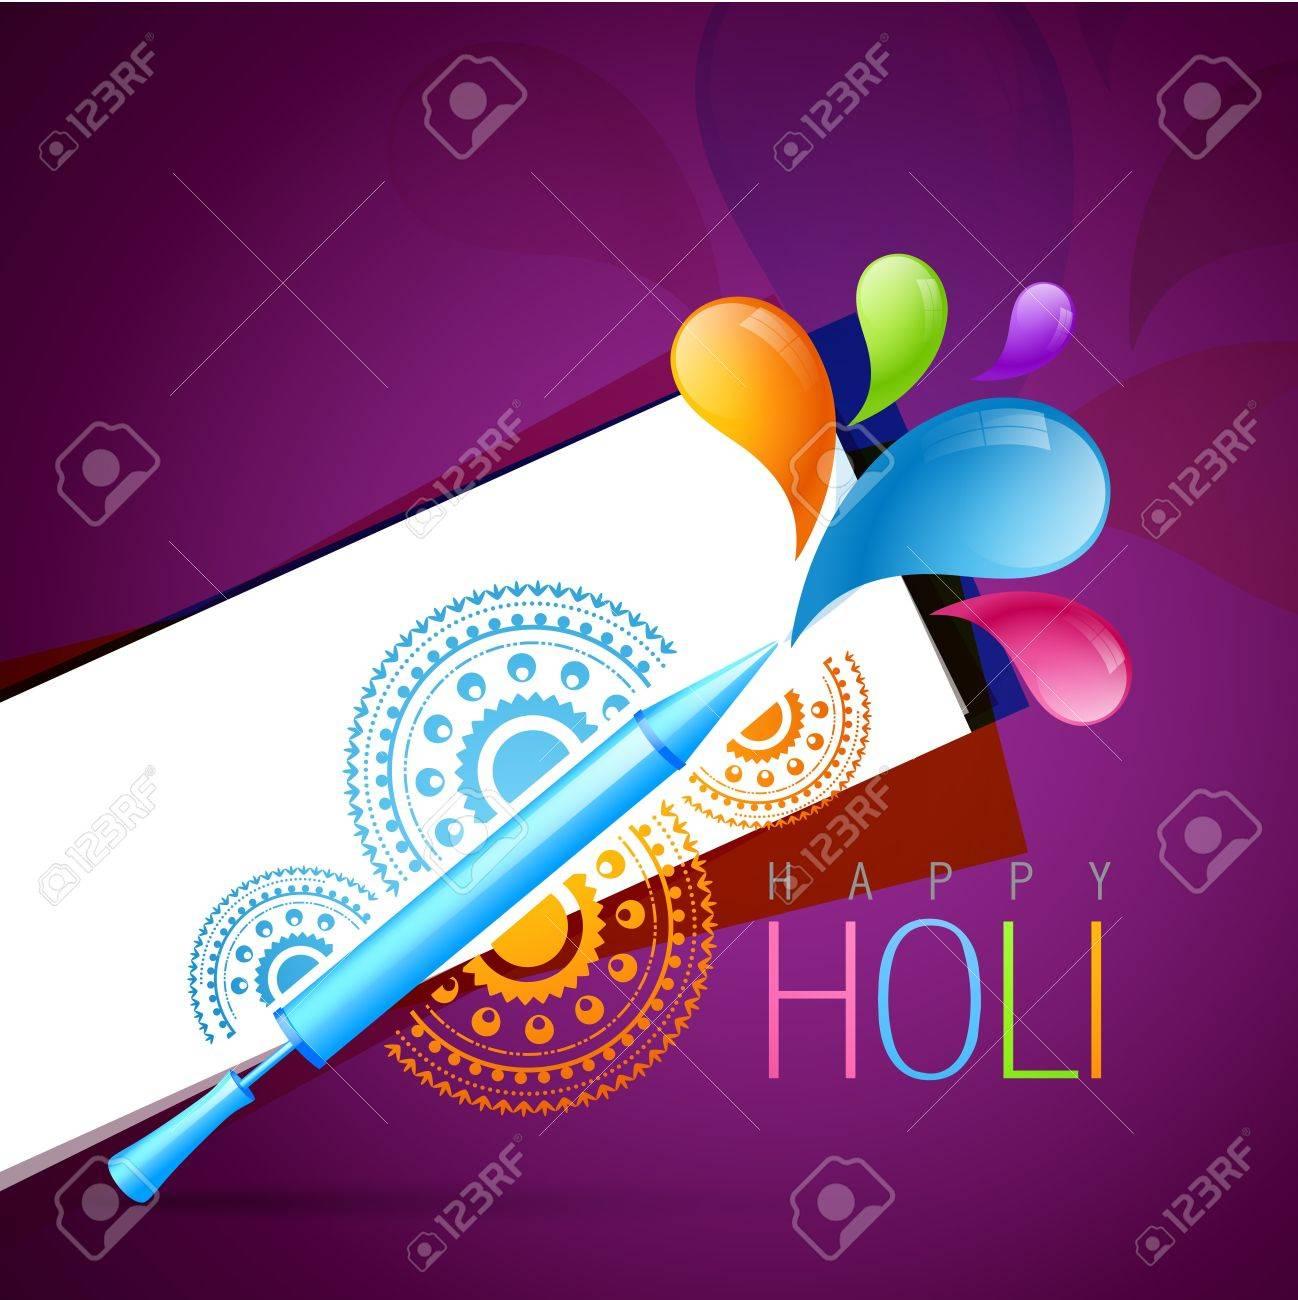 holi festival background with pichkari Stock Vector - 18565967